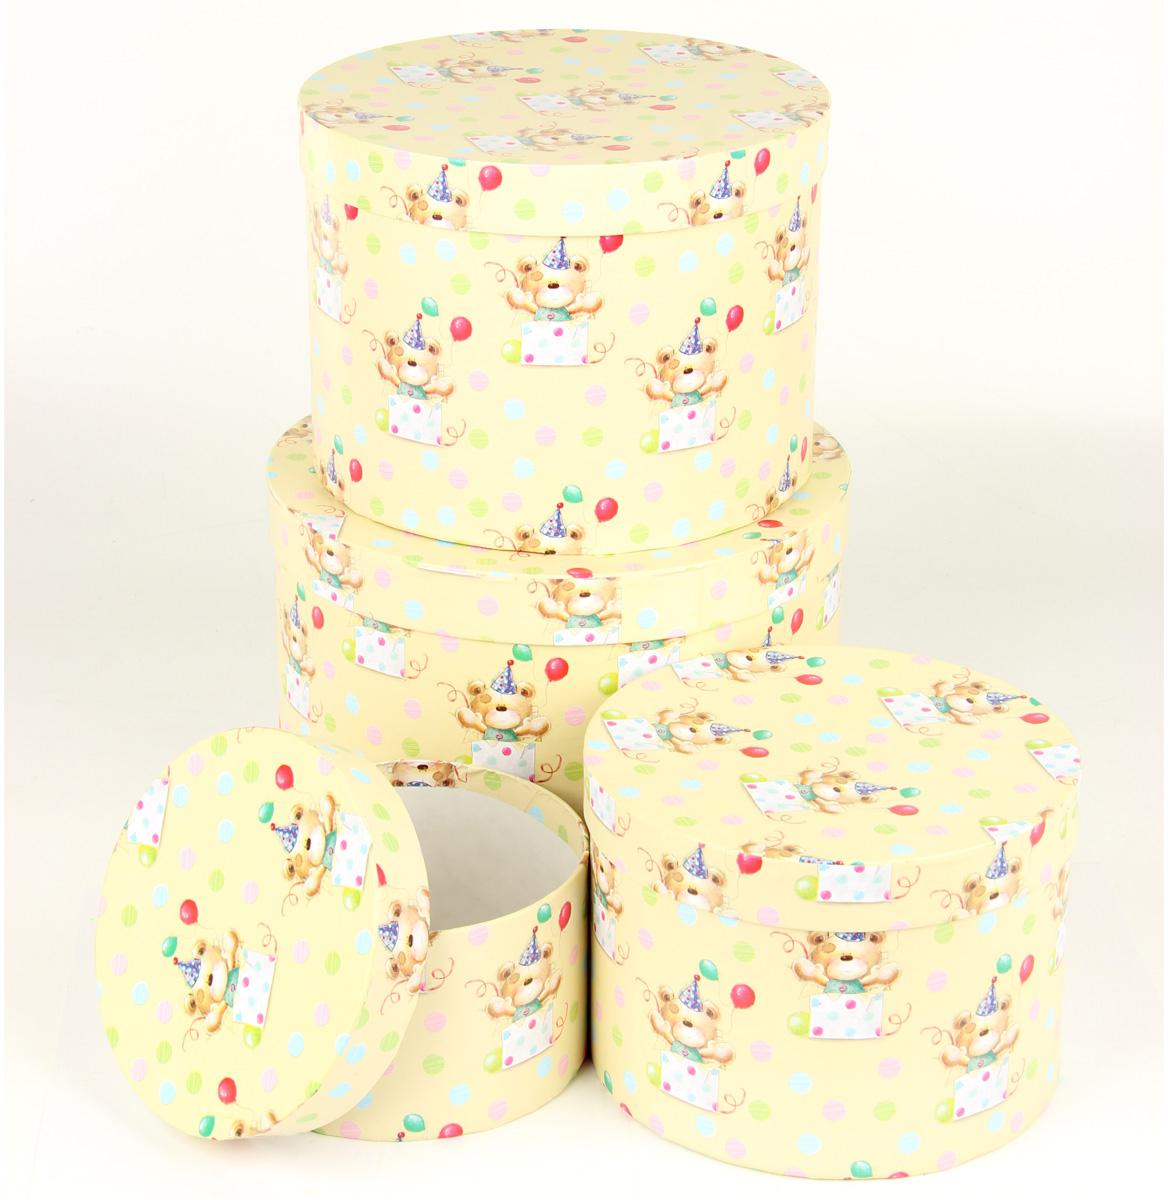 Набор подарочных коробок Veld-Co С днем варенья, круглые, 4 шт. 67700 набор подарочных коробок veld co шоколад с магнитами цвет светло коричневый 3 шт